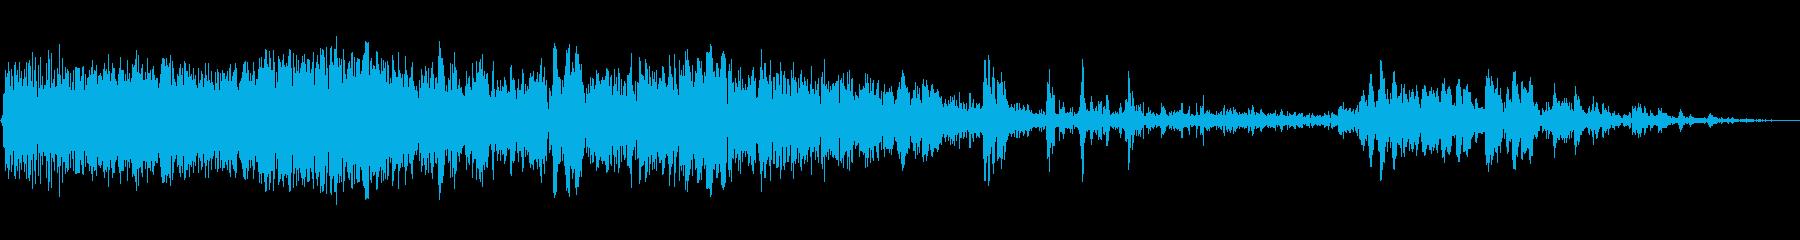 ヘビージャンククラッシュ;ヴィンテ...の再生済みの波形